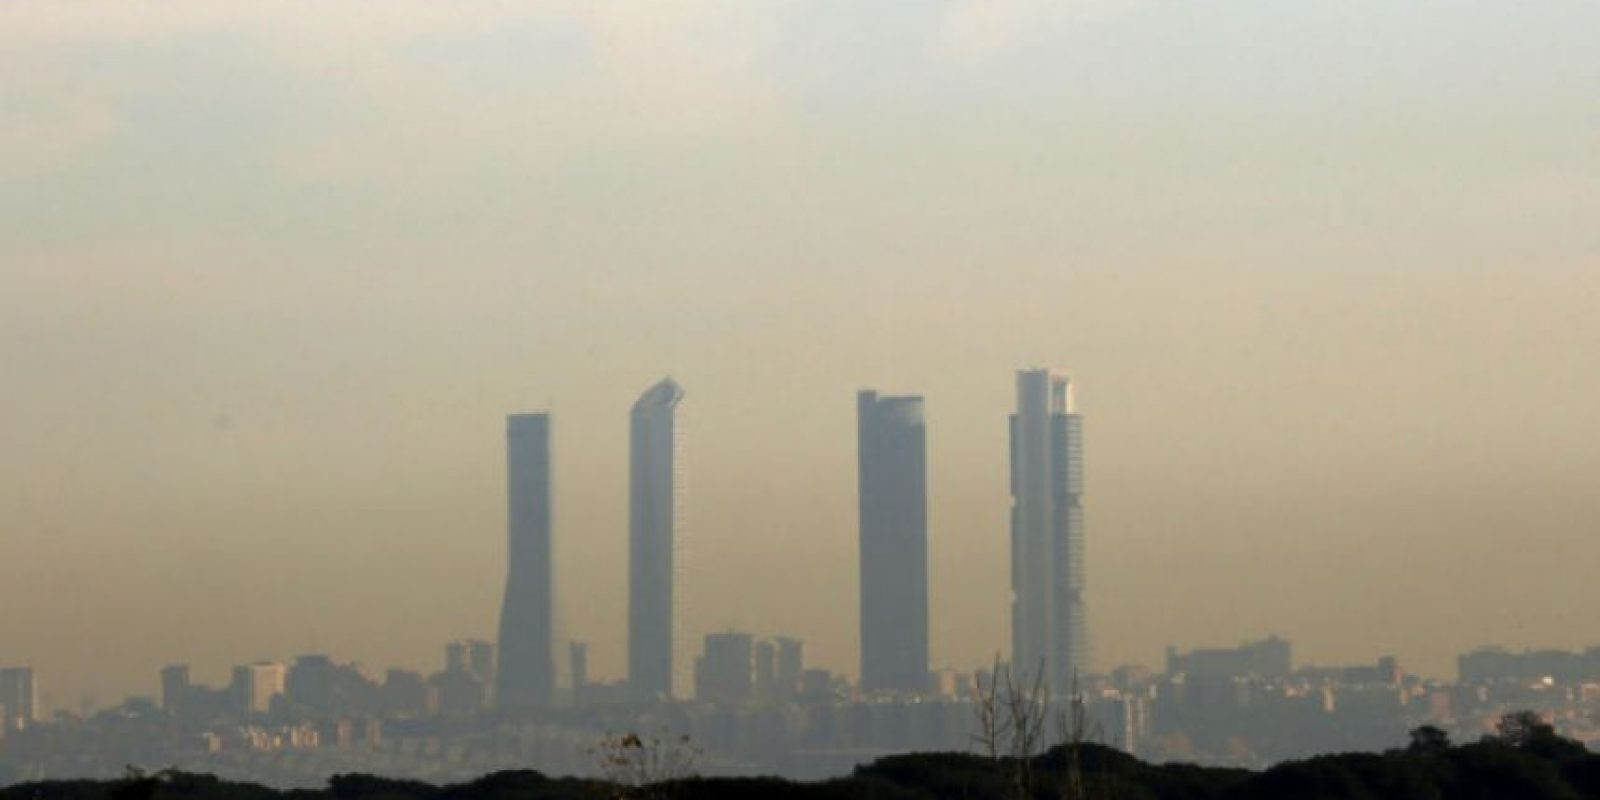 Madrid, contaminado. Foto:Efe. Imagen Por: